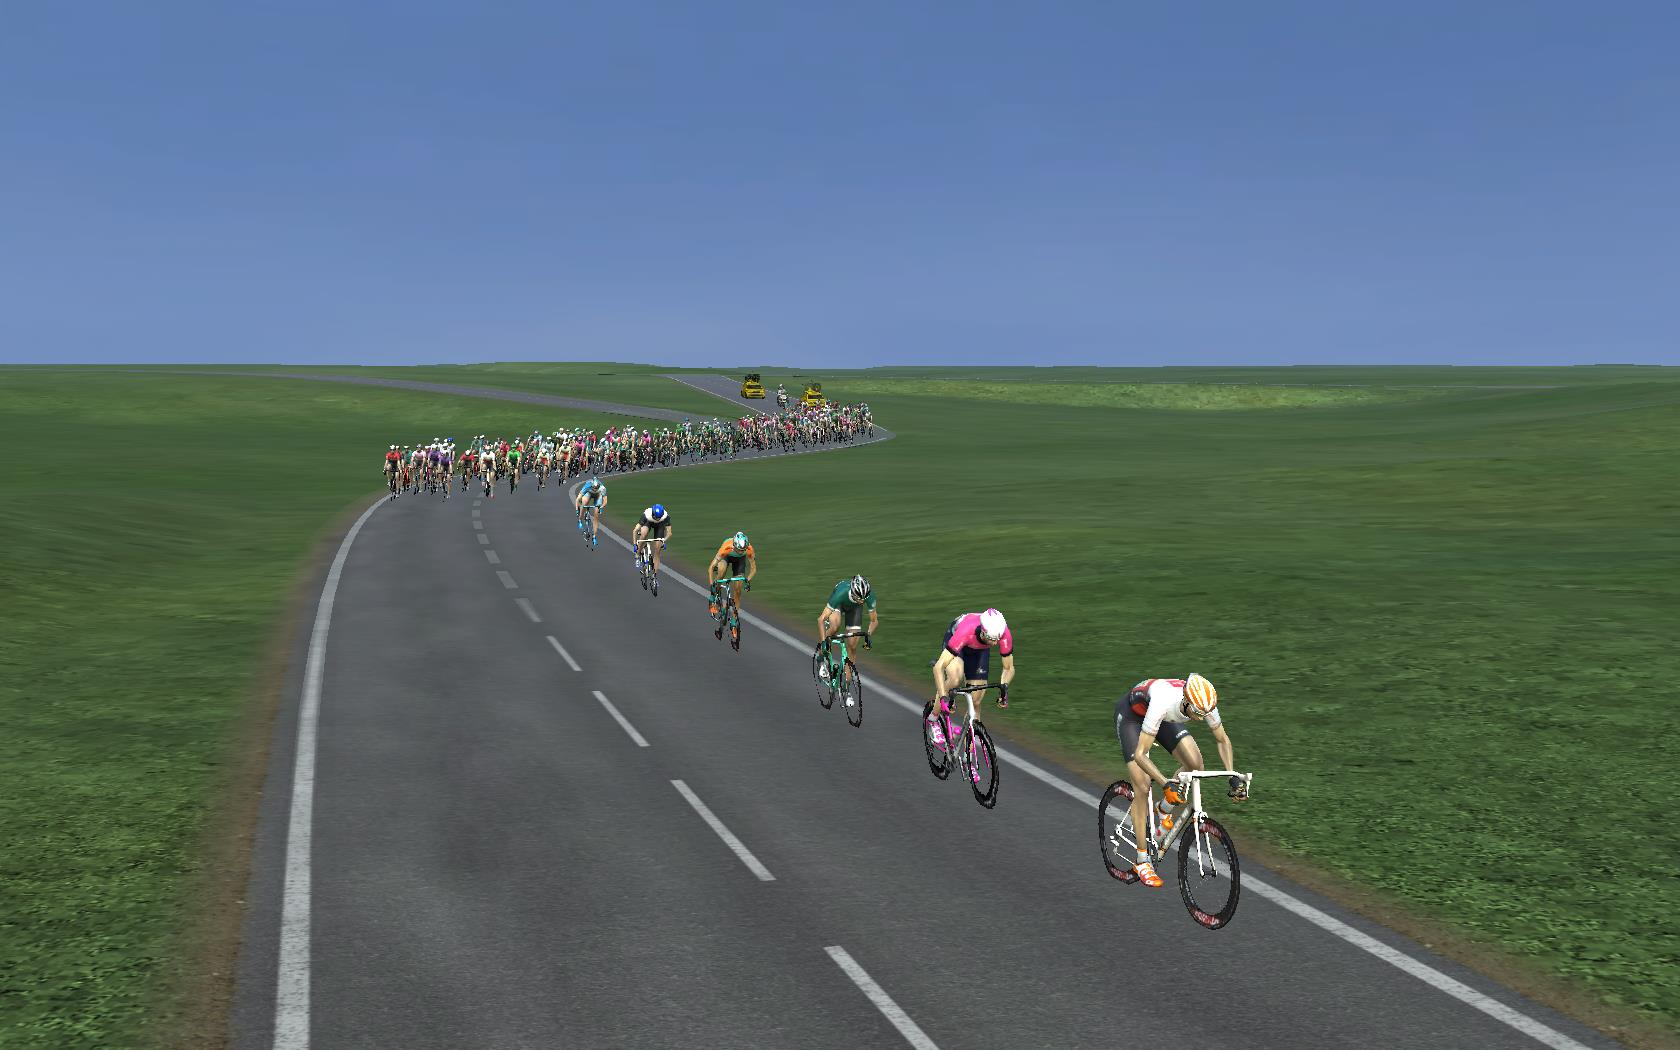 pcmdaily.com/images/mg/2018/Races/C2HC/ParisTours/PCM0002.jpg